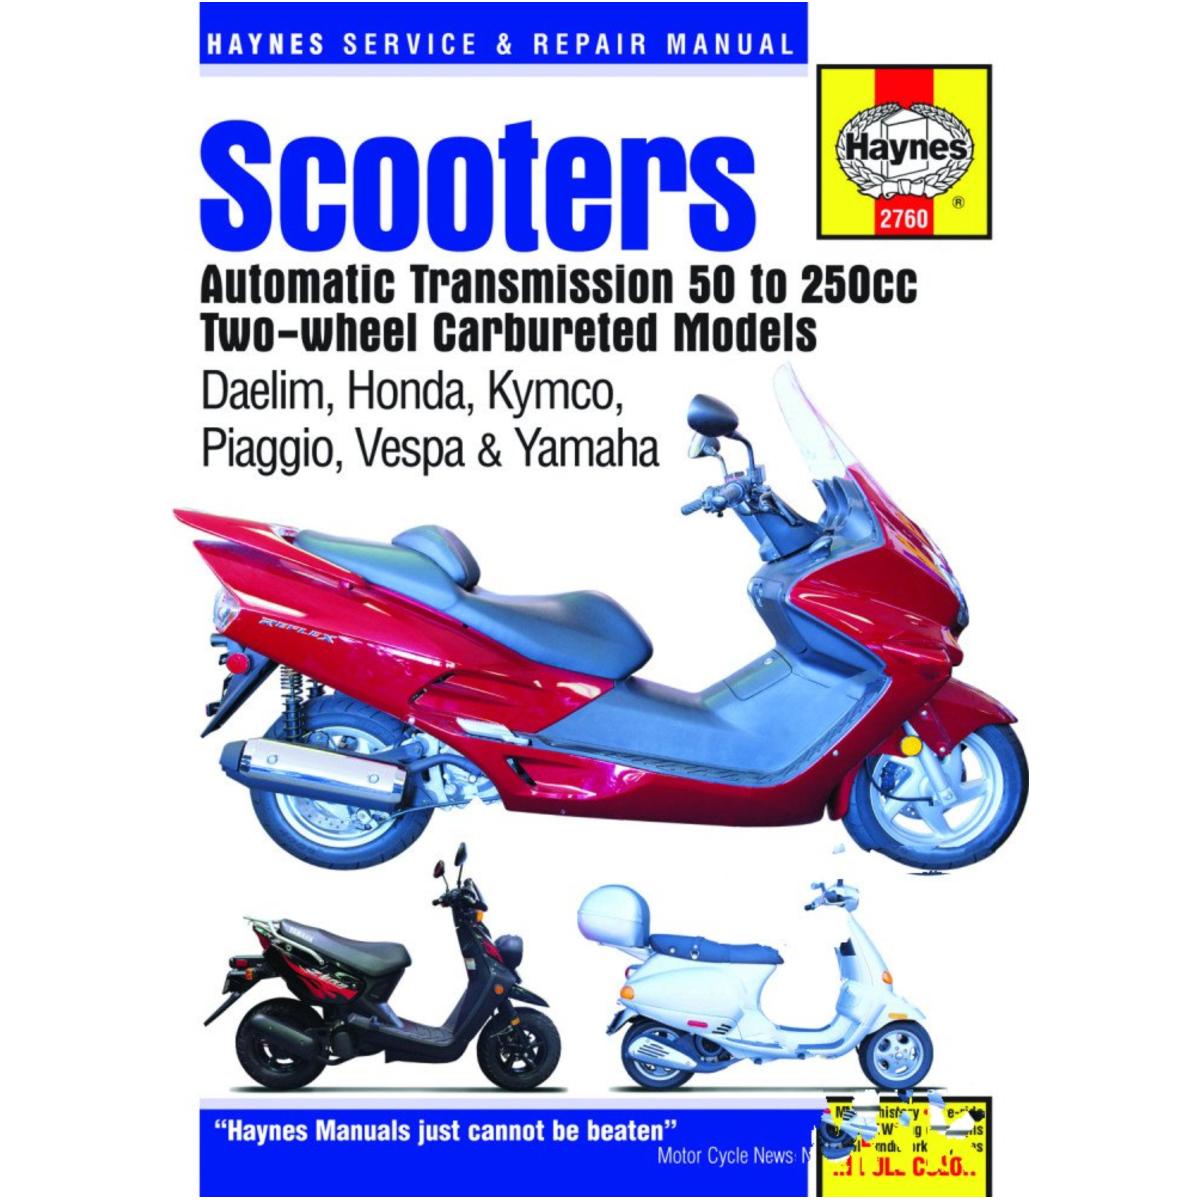 Daelim VL 125 Daystar Classic 2005 Haynes Service Repair Manual 2760